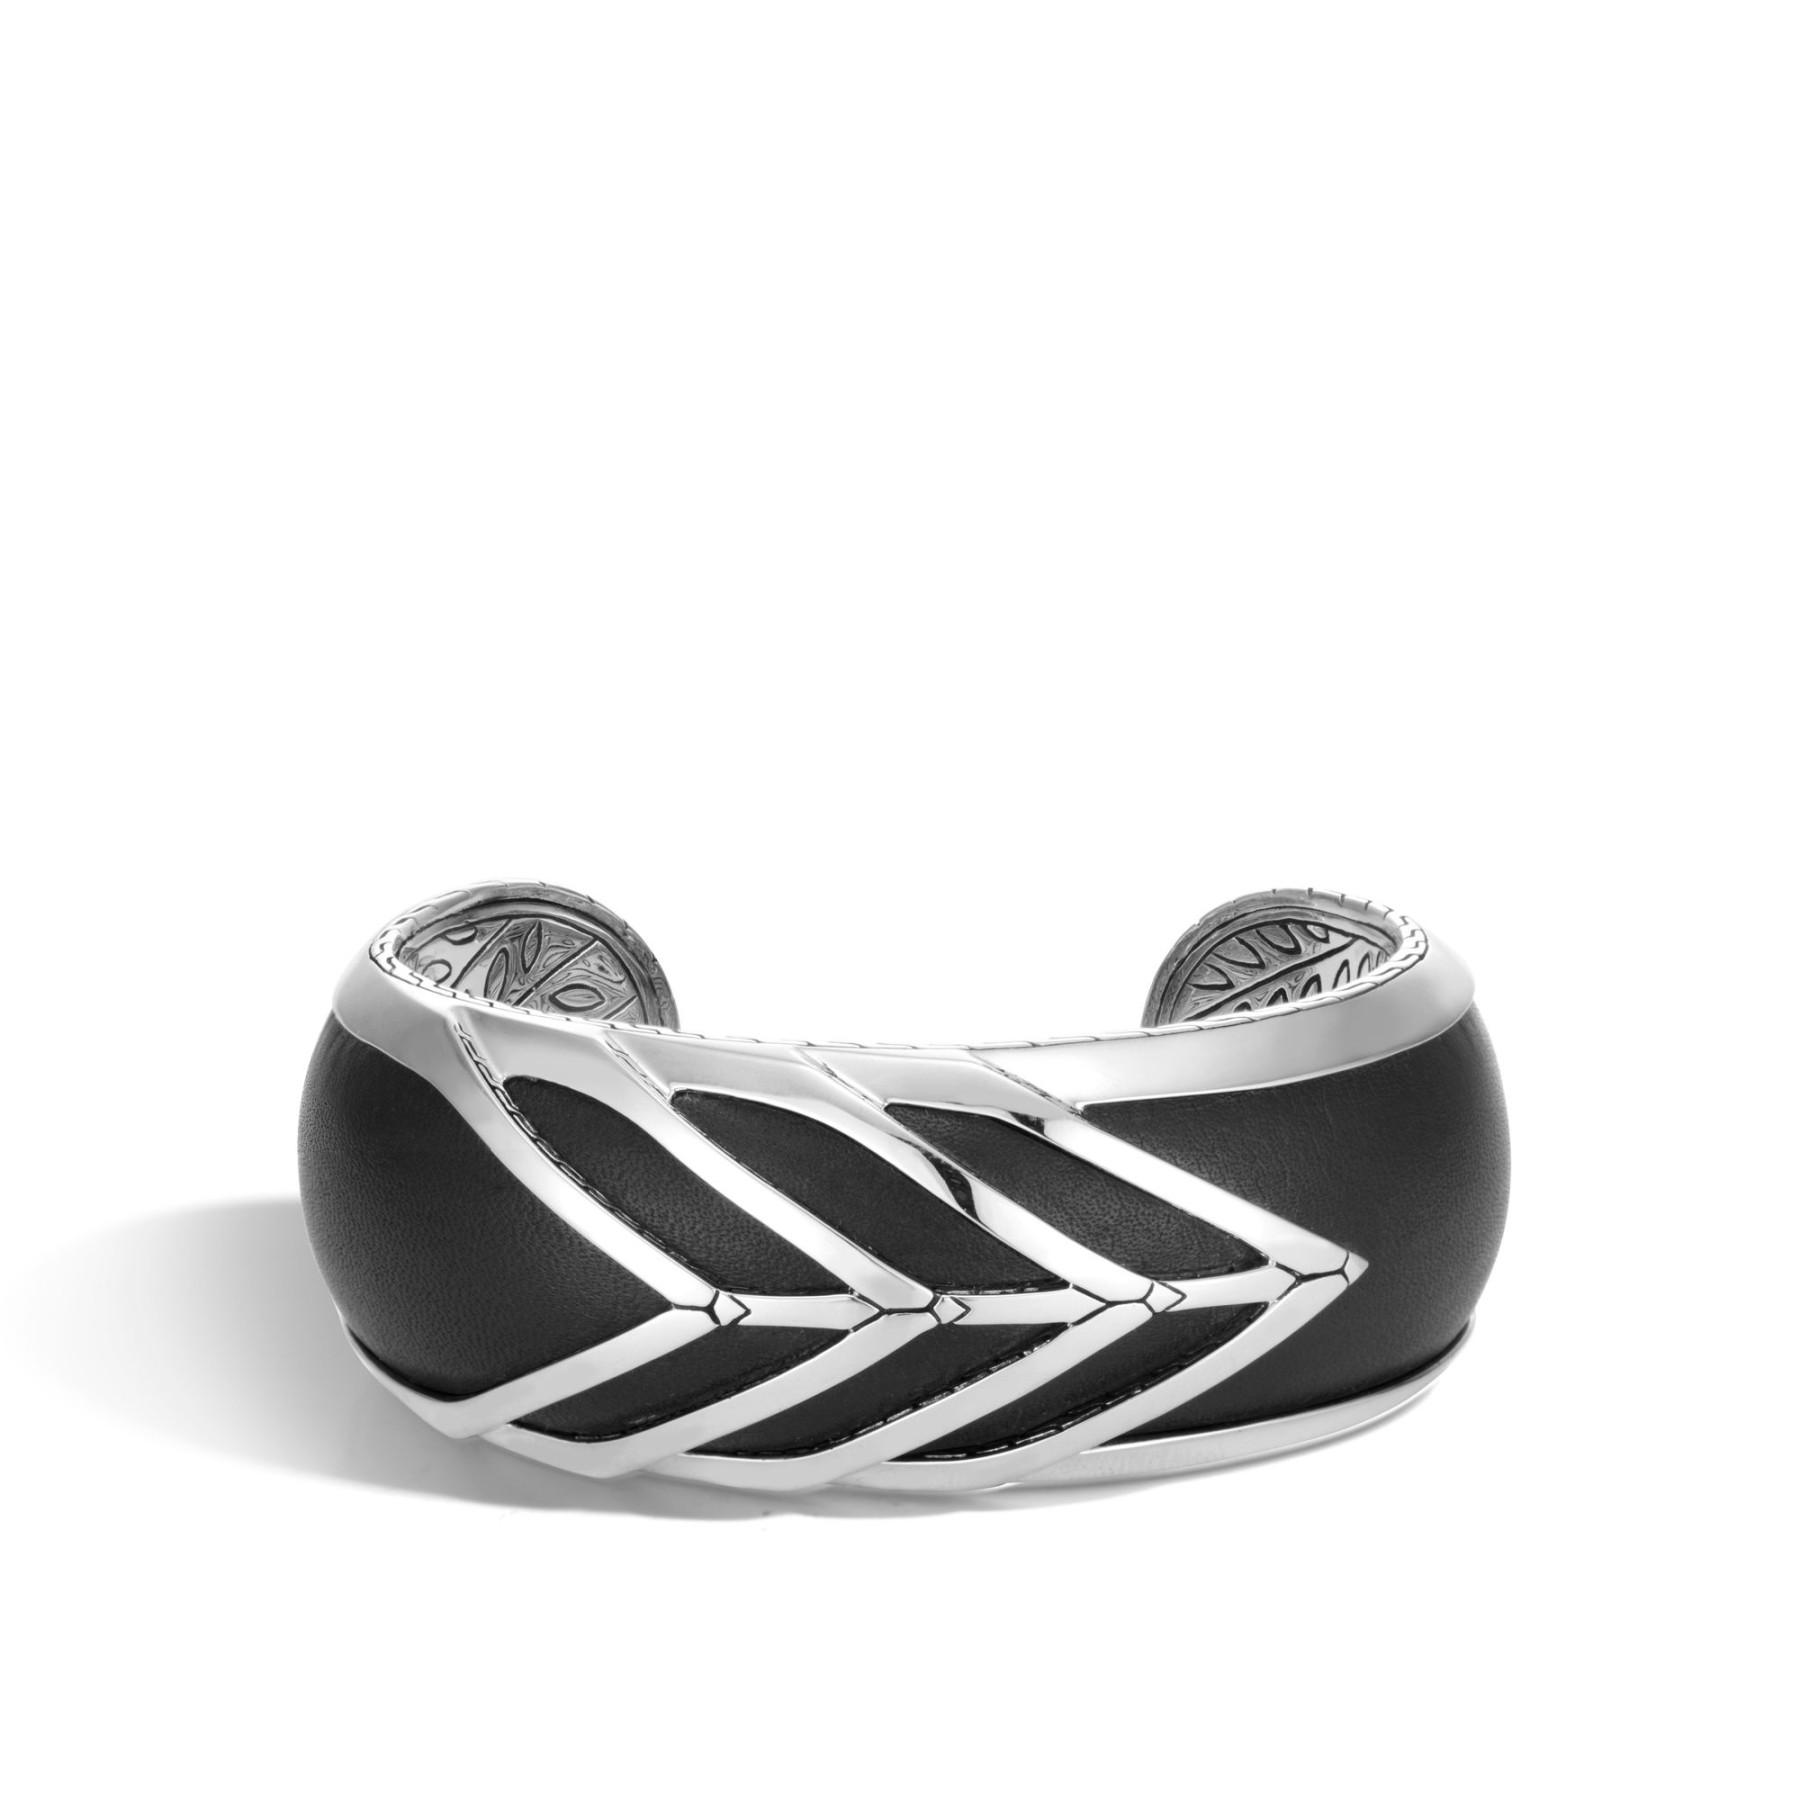 John Hardy Modern Chain Black Leather Wide Cuff Bracelet